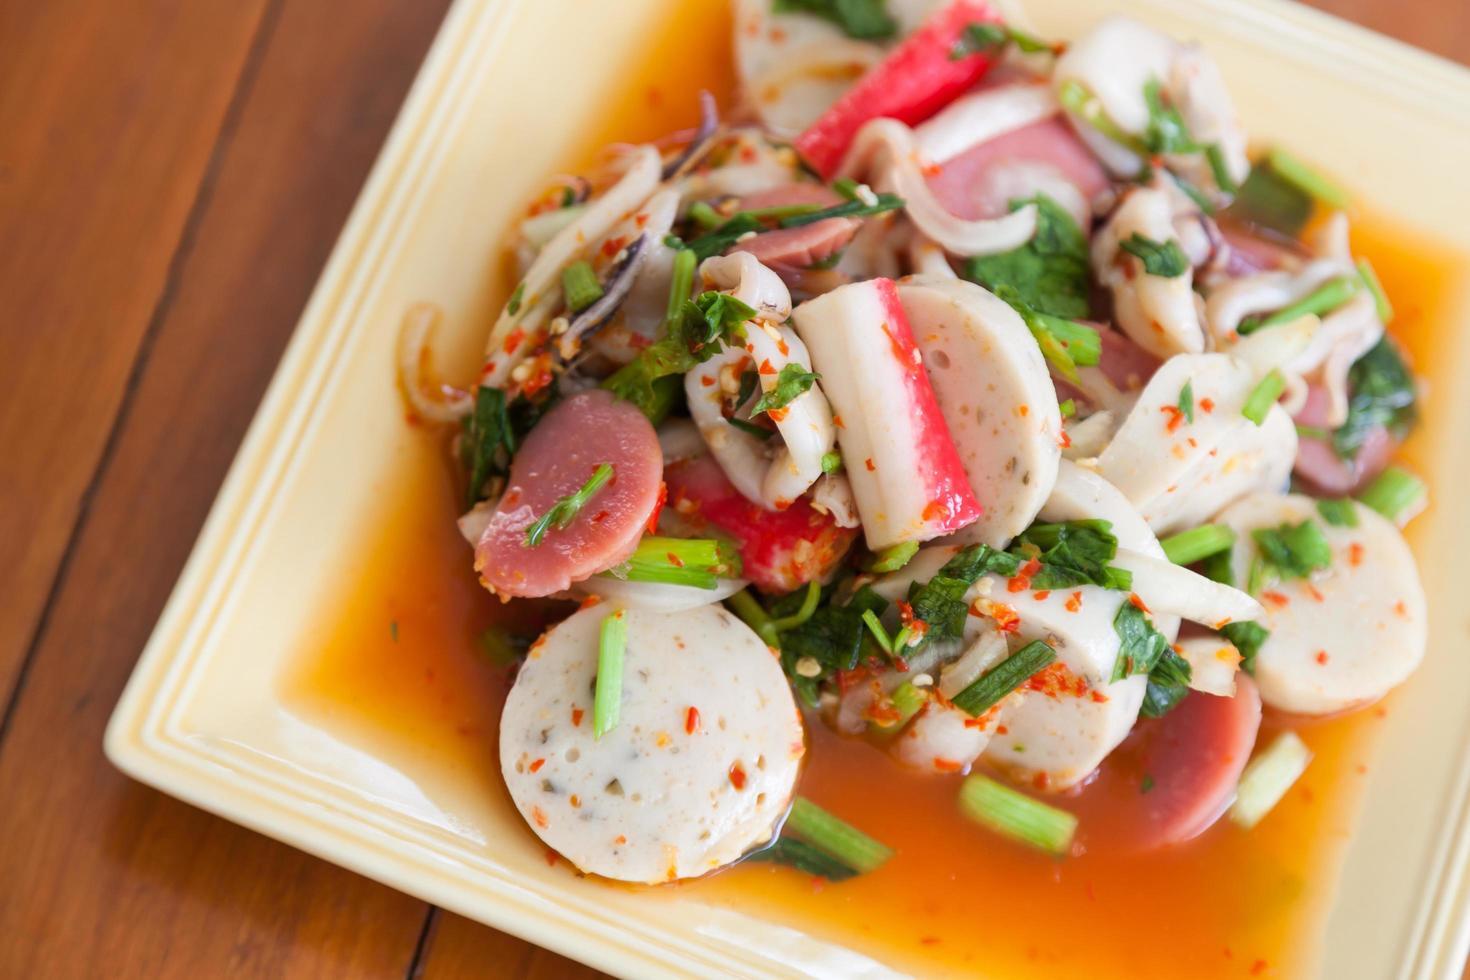 ensalada picante mixta tailandesa foto